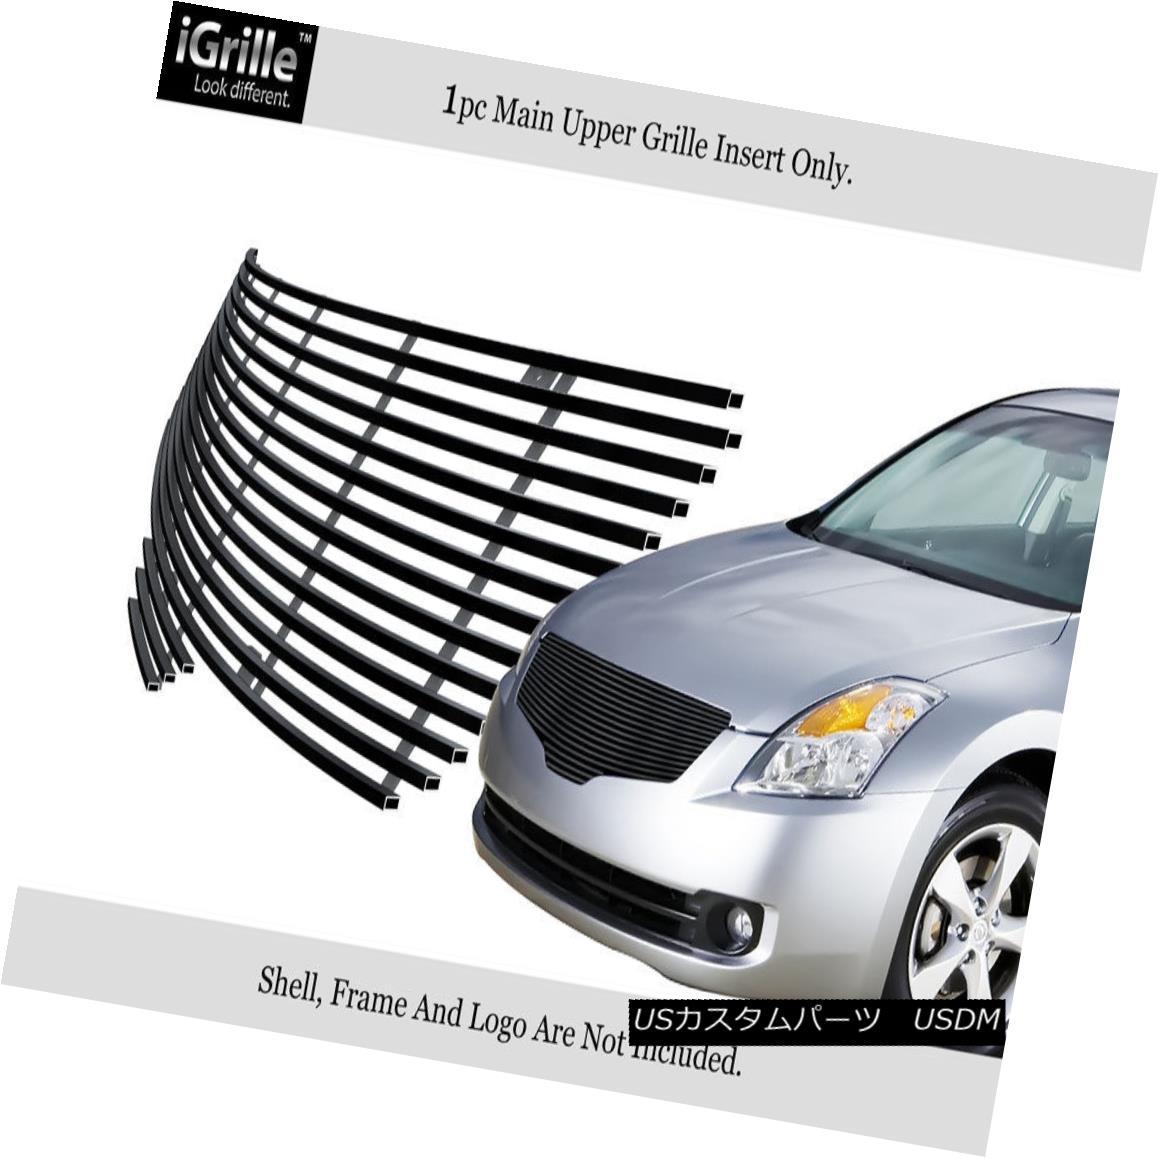 グリル Fits 2007-2009 Nissan Altima Sedan Black Stainless Steel Billet Grille Insert フィット2007-2009日産アルティマセダンブラックステンレススチールビレットグリルインサート